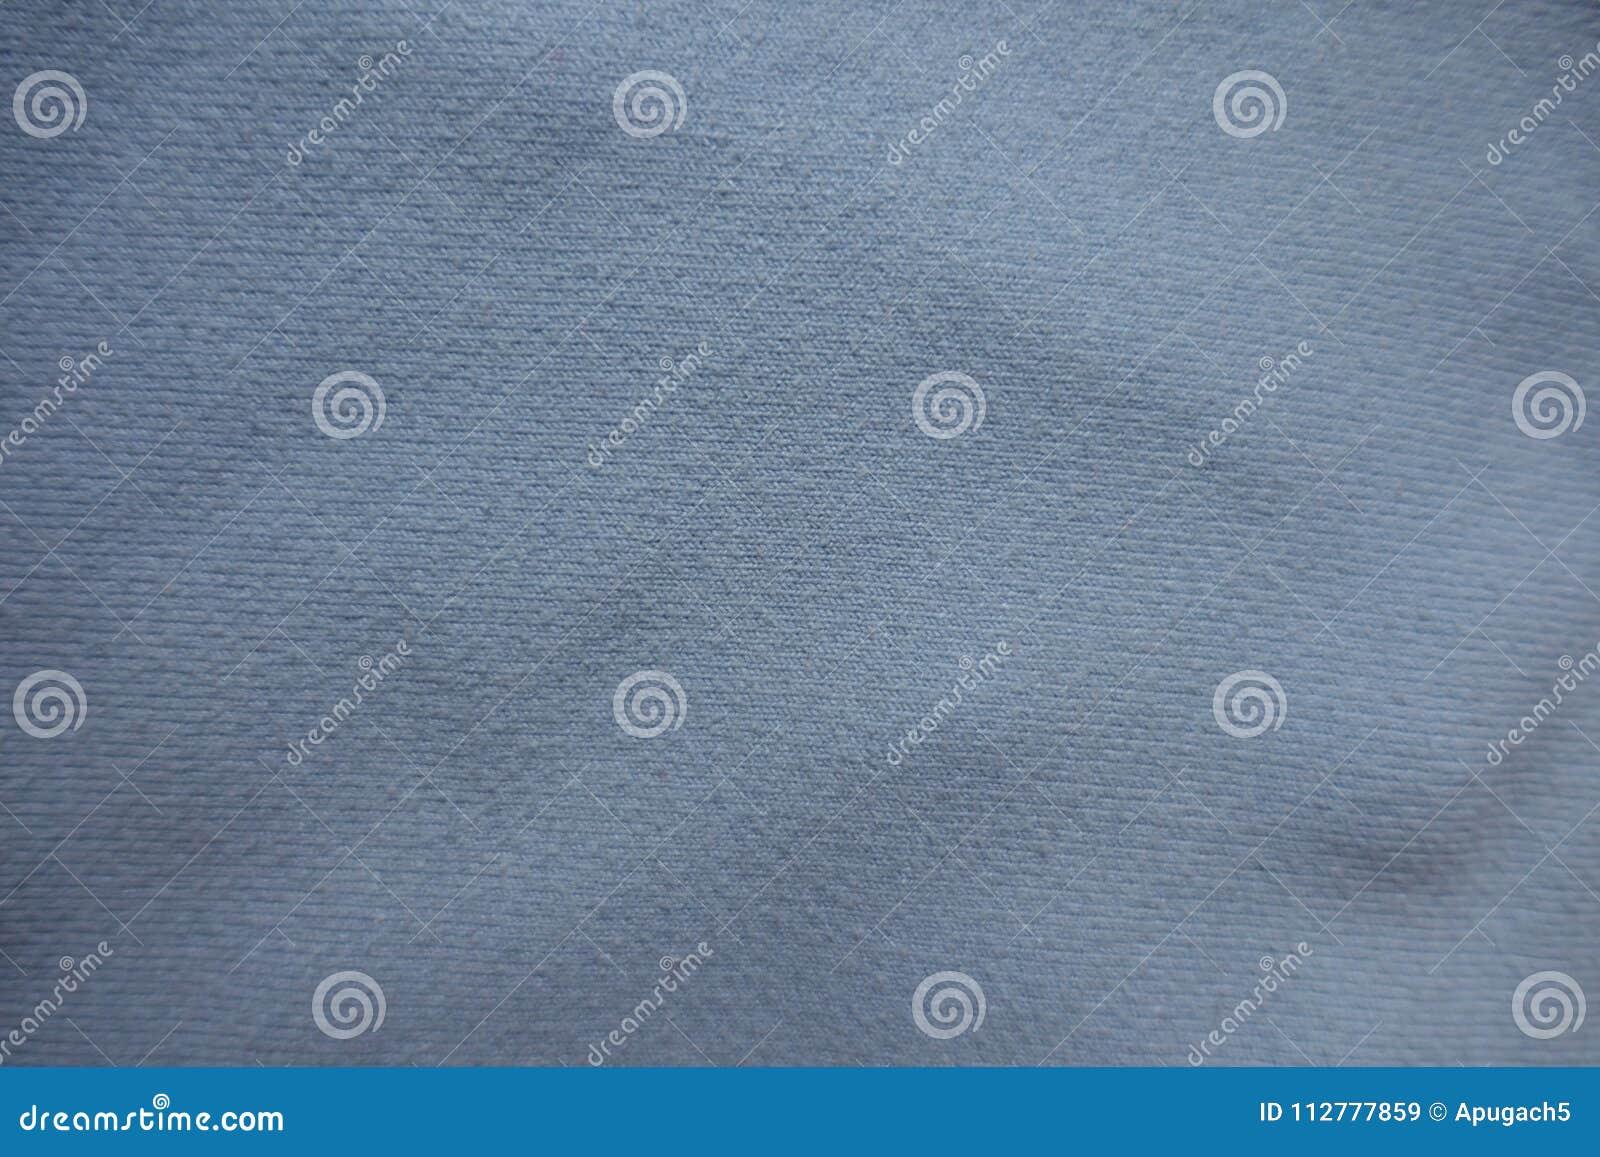 Взгляд сверху небесно-голубой ткани